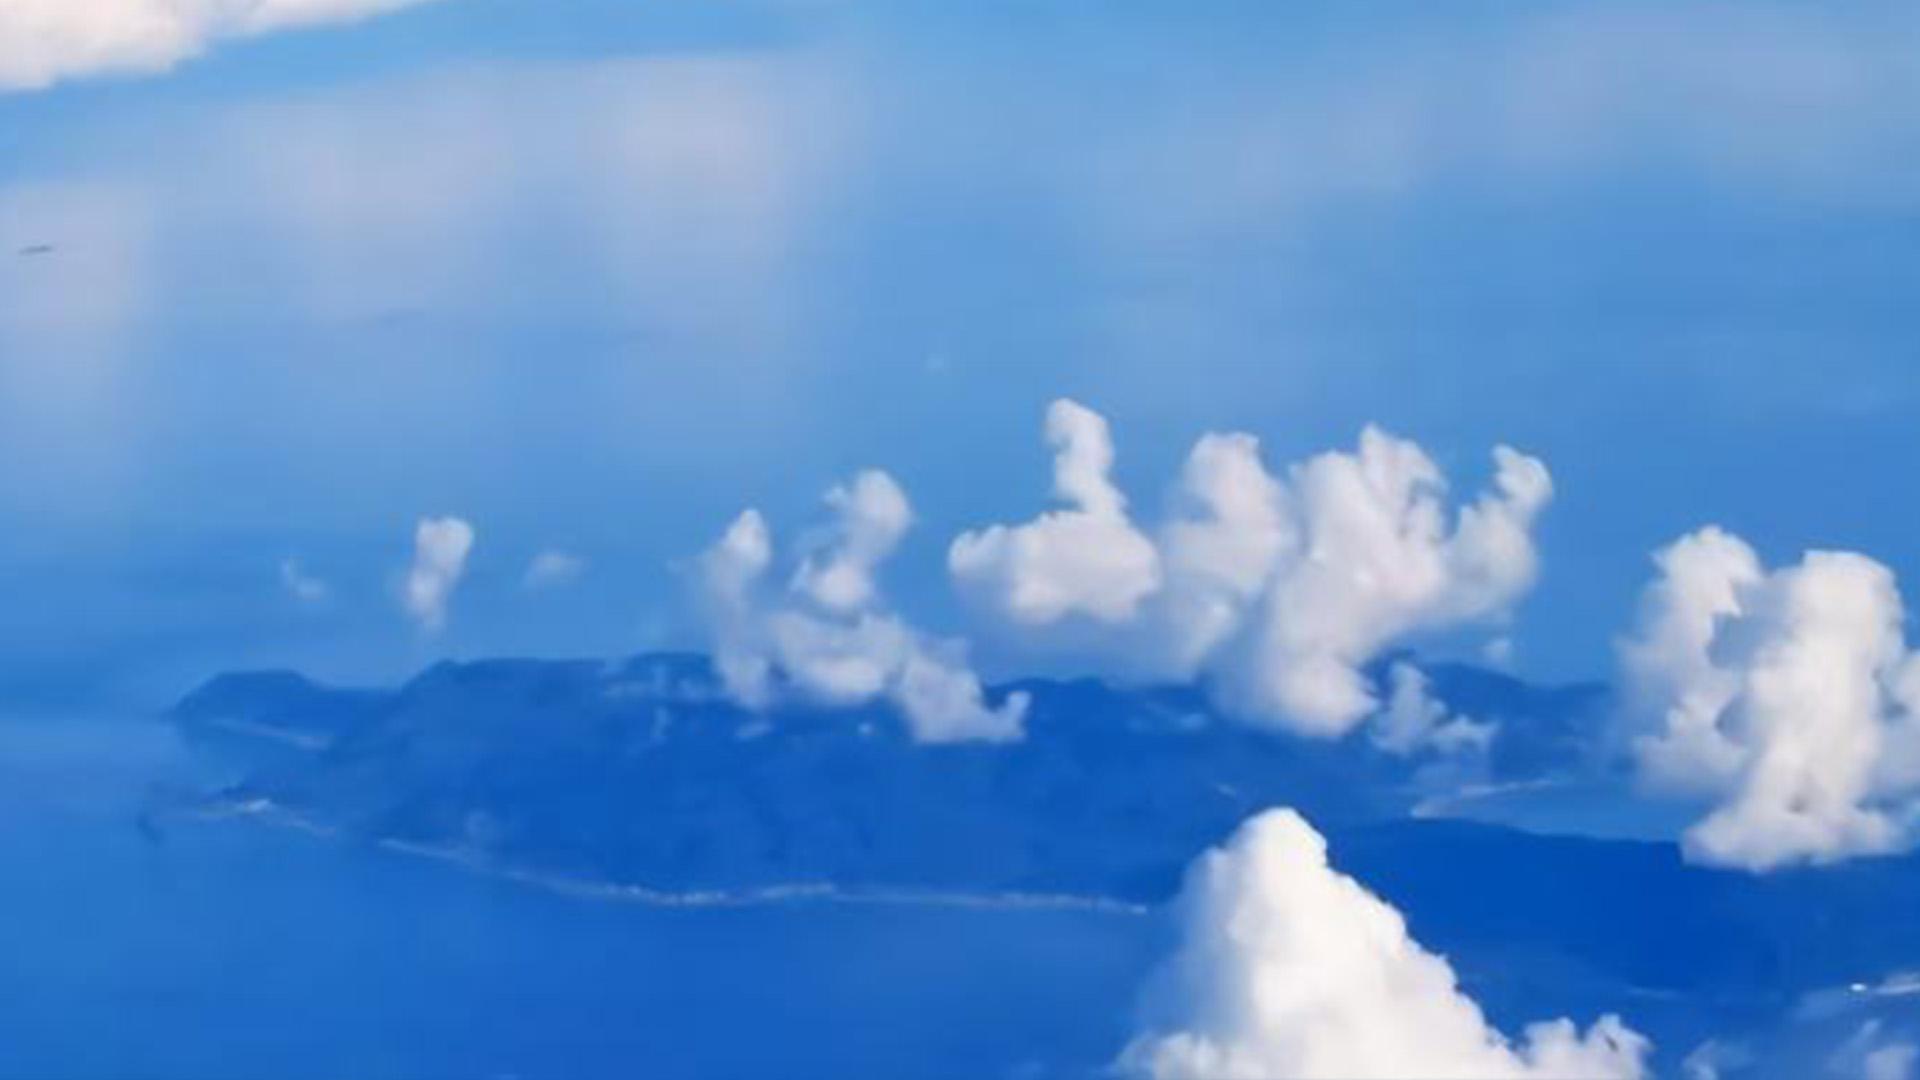 中方將制裁訪台美高官?外交部回應 解放軍多架戰機進臺西南空域圖片